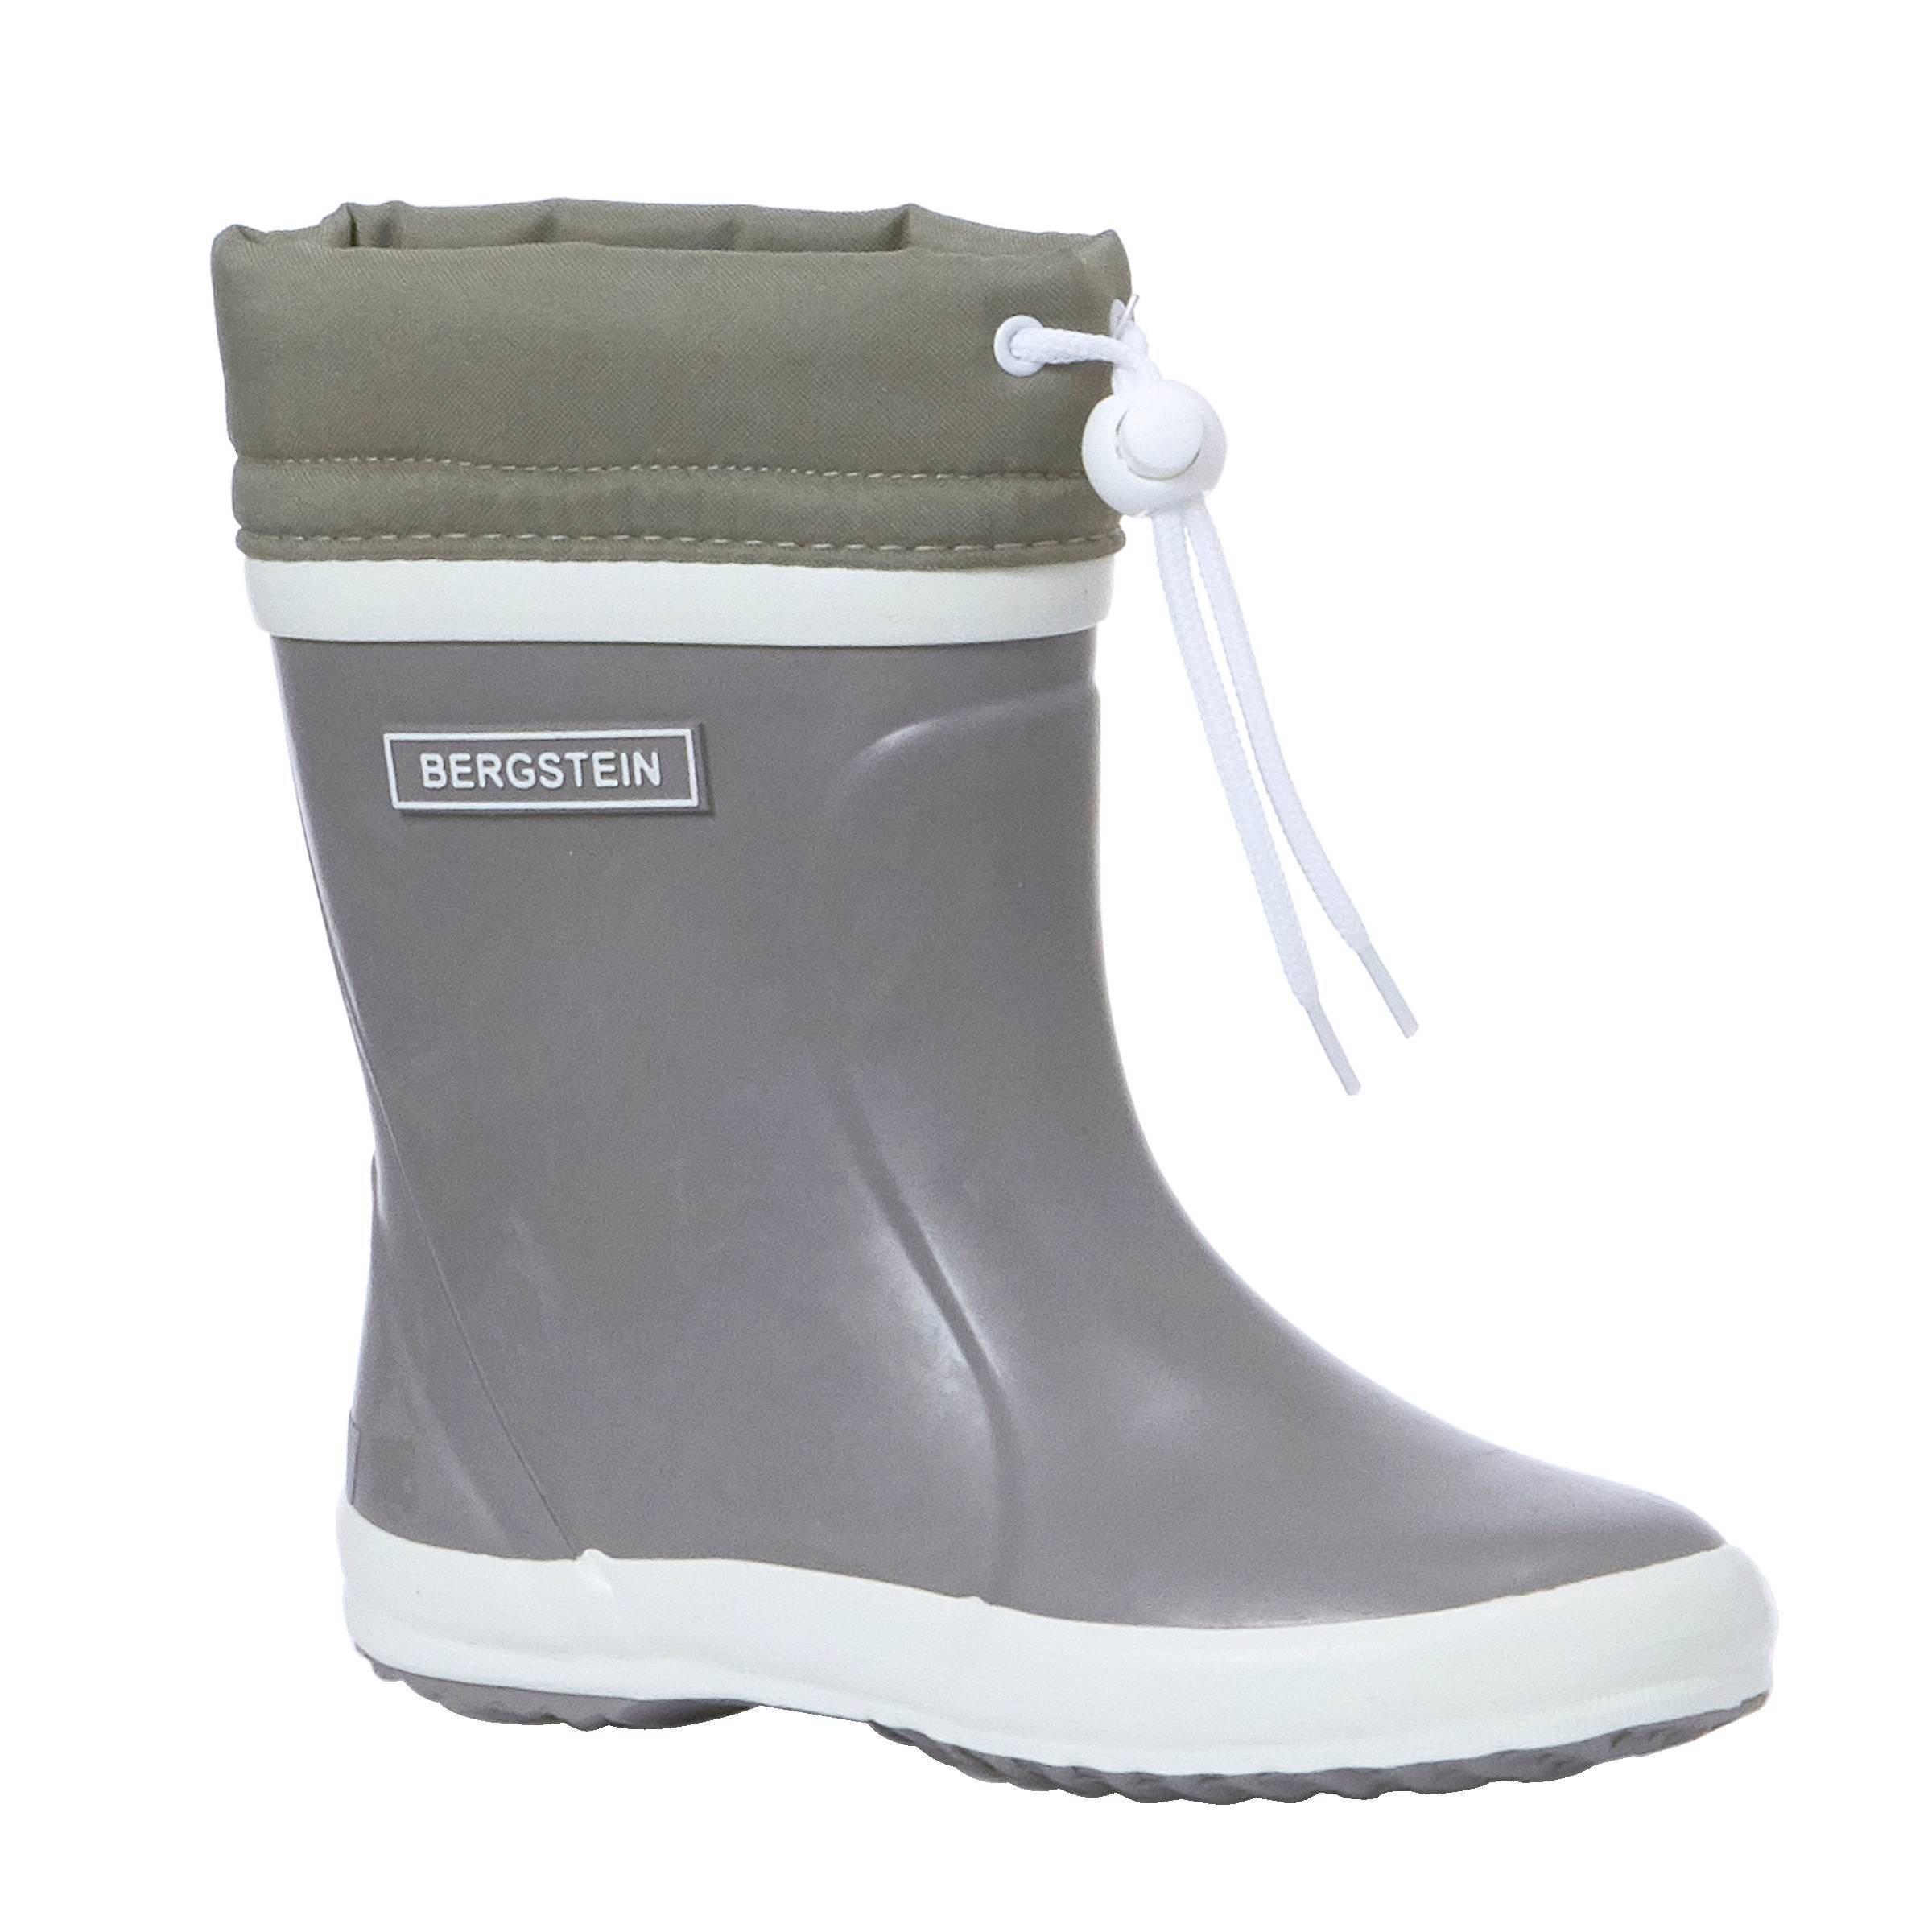 Bergstein winter regenlaarzen kids | wehkamp